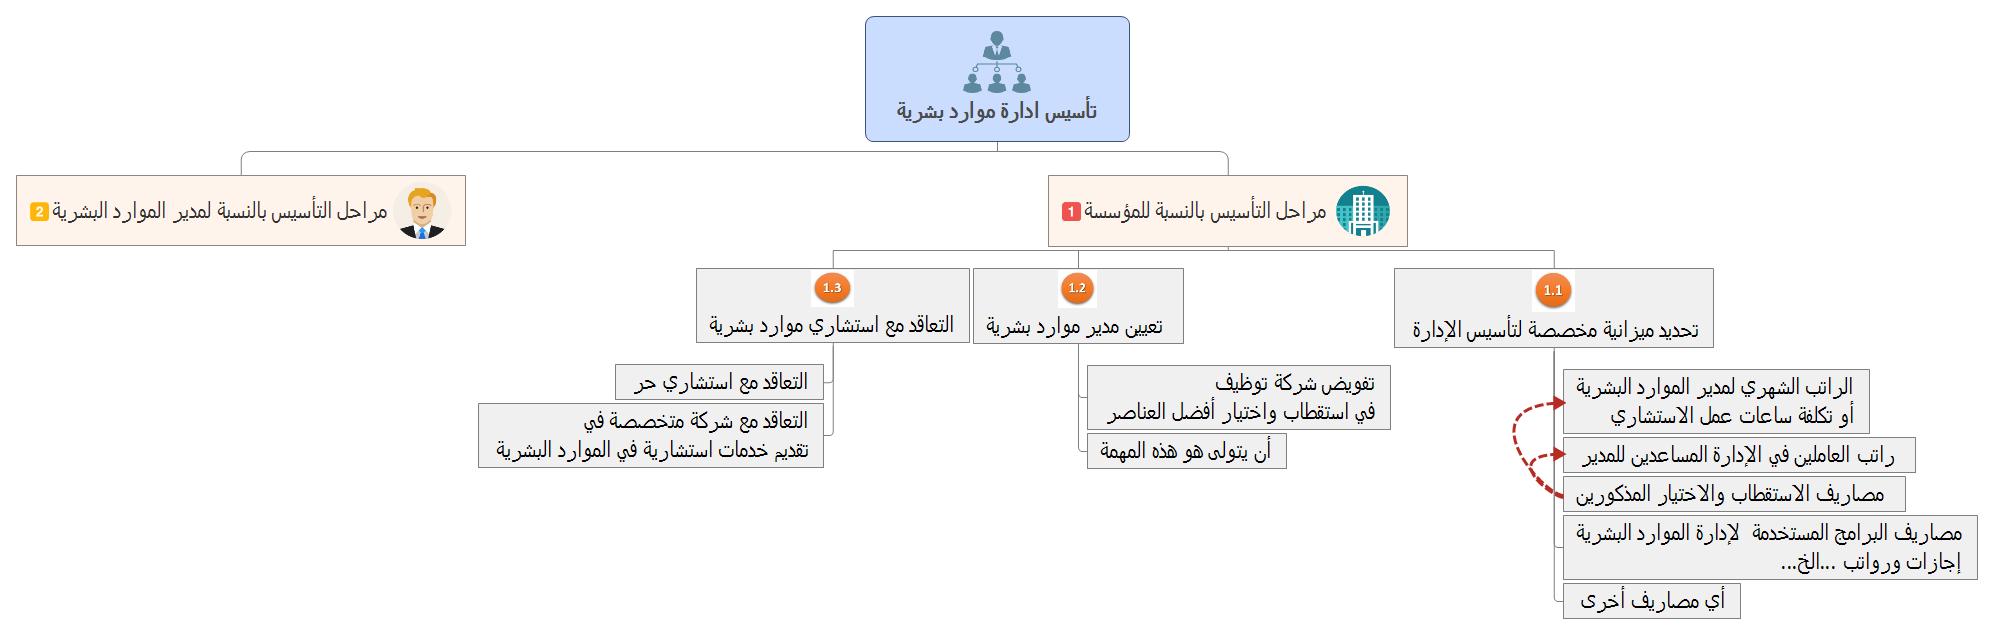 استراتيجية الموارد البشرية مدونة مهر الصفحة 2